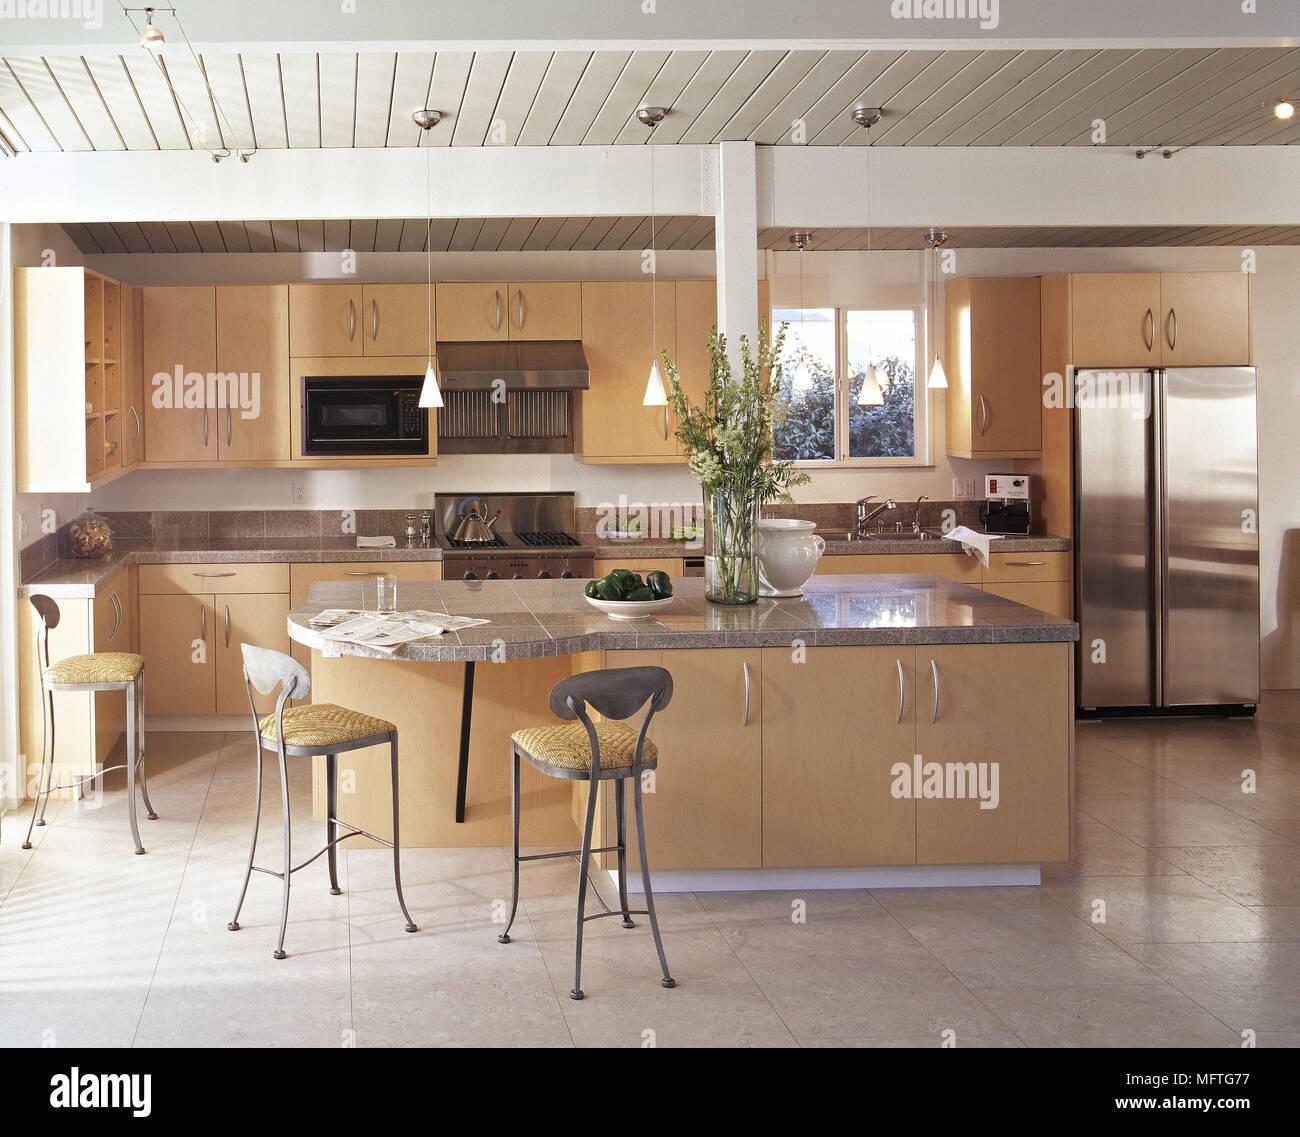 Cozinha Moderna Unidade Central Unidades Wood Bancadas Em Granito